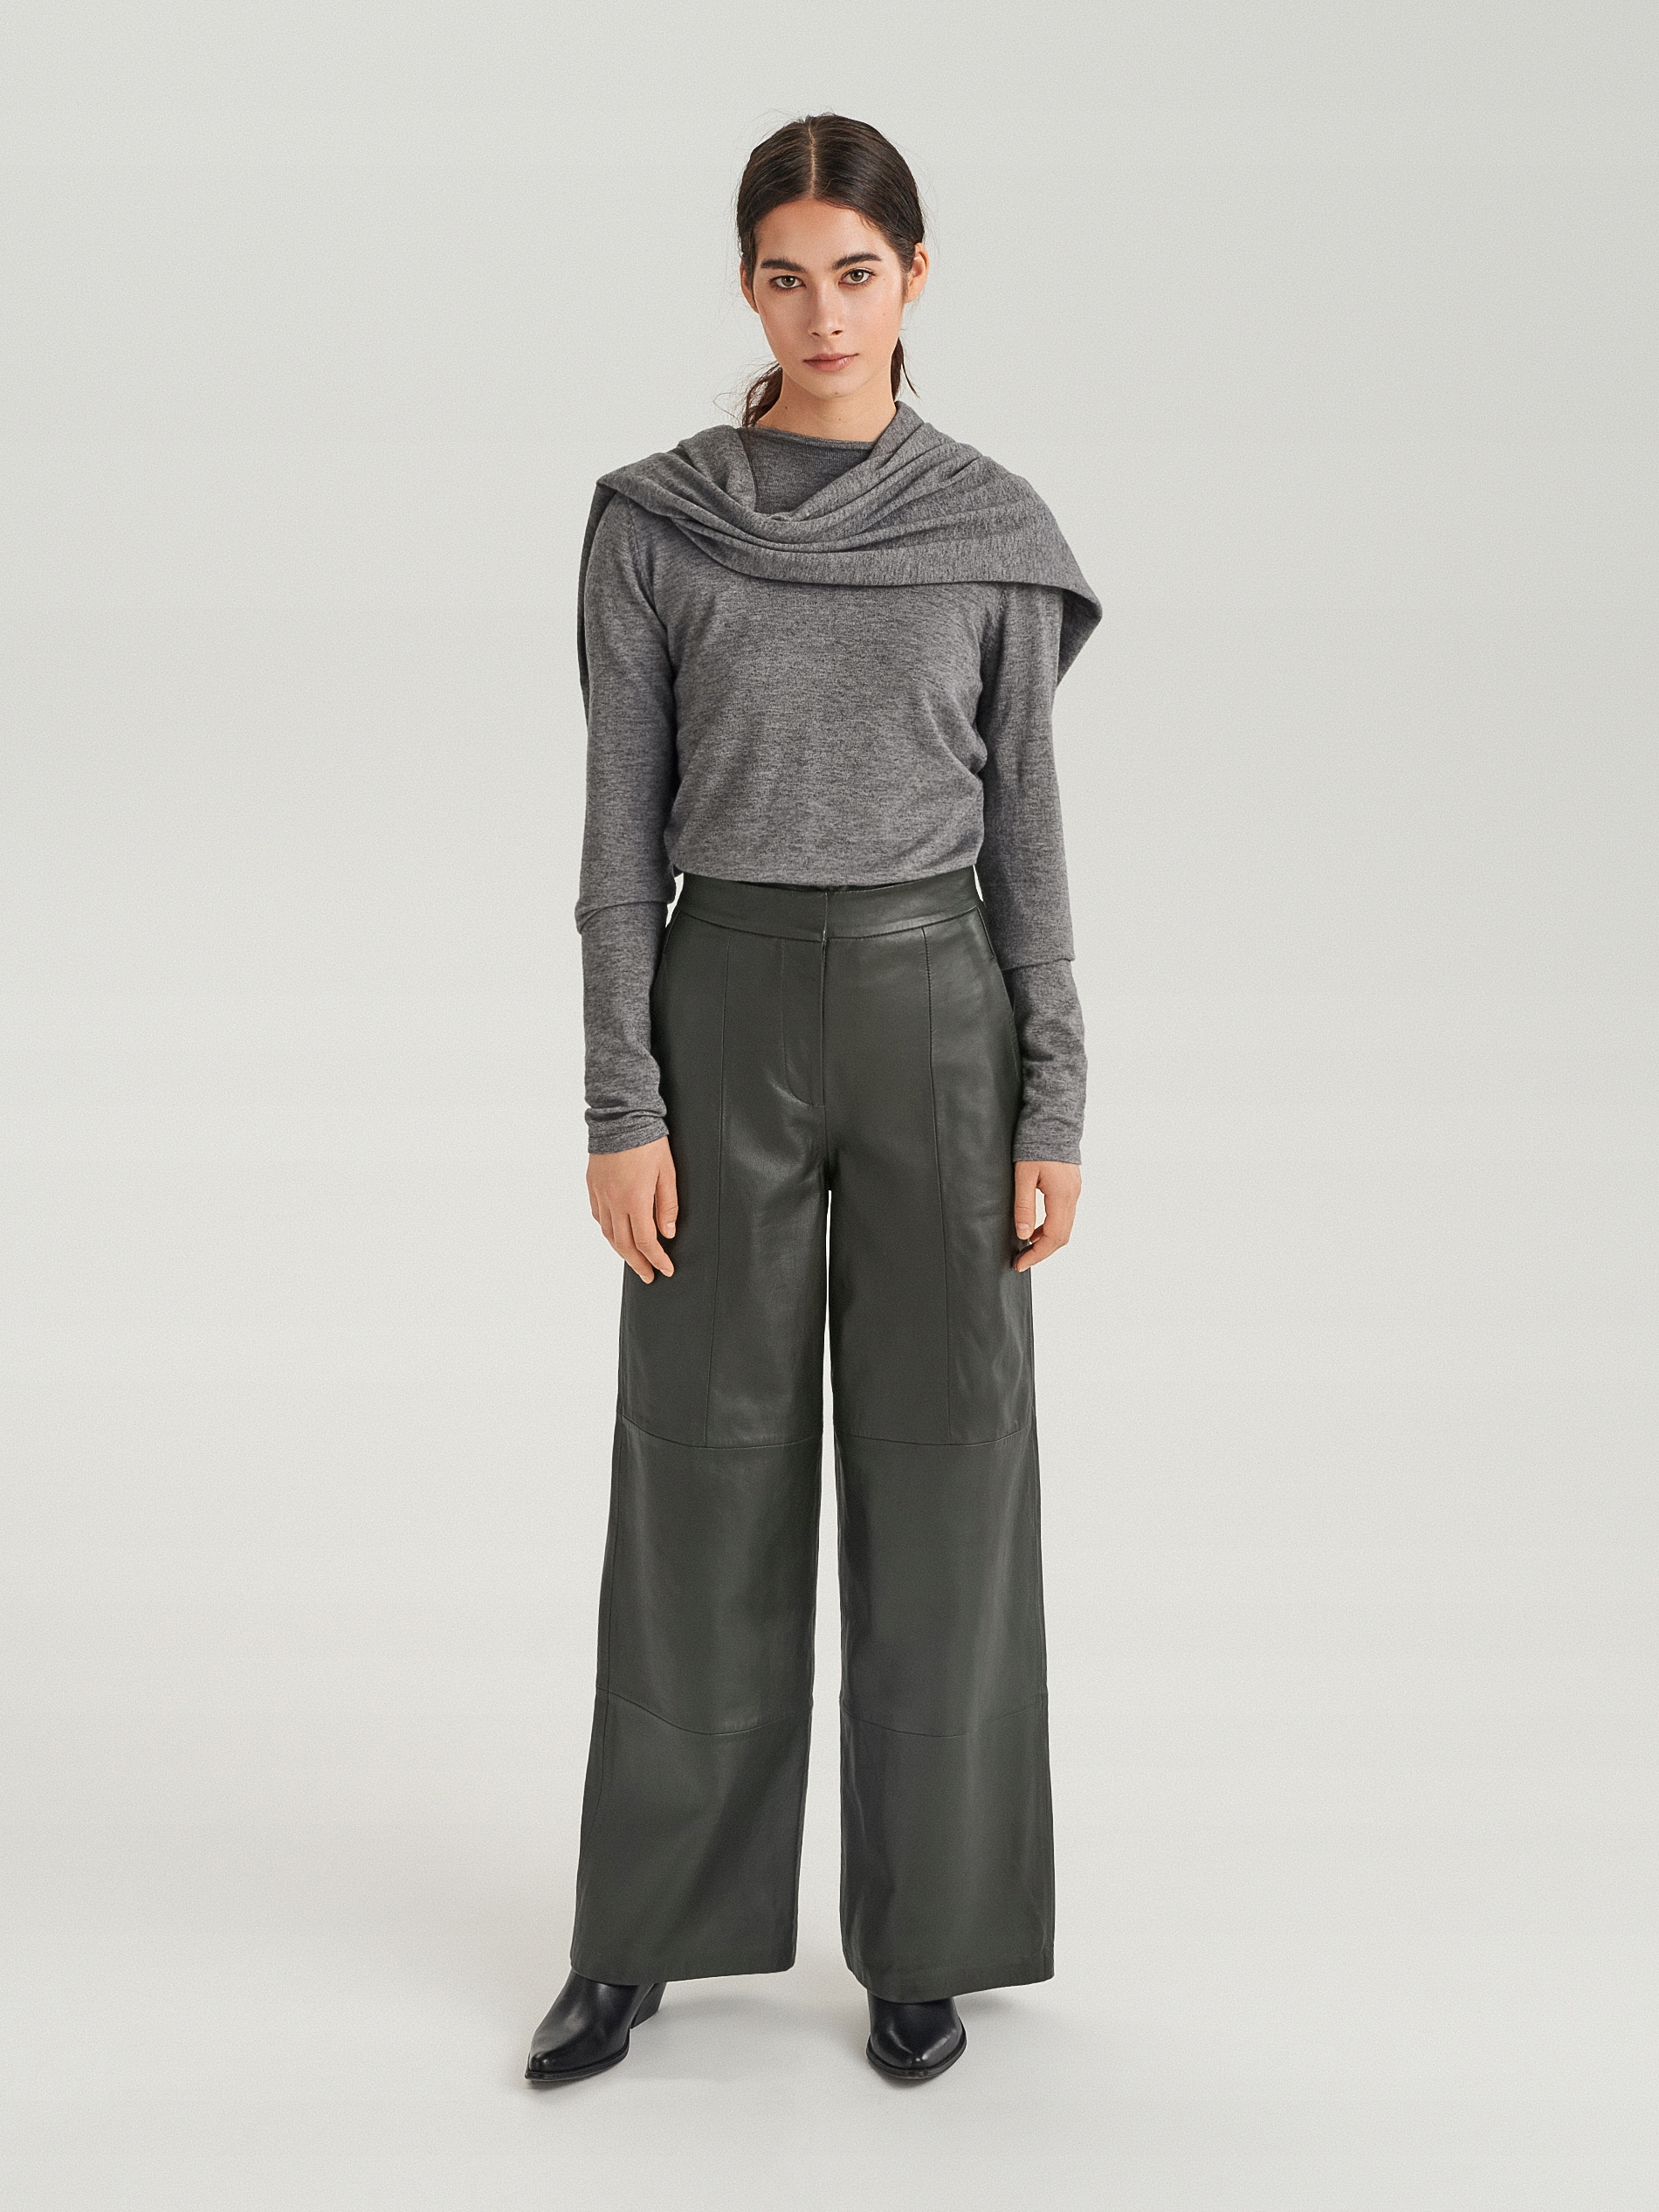 Spodnie Reserved skóra naturalna-L- zara, H&m